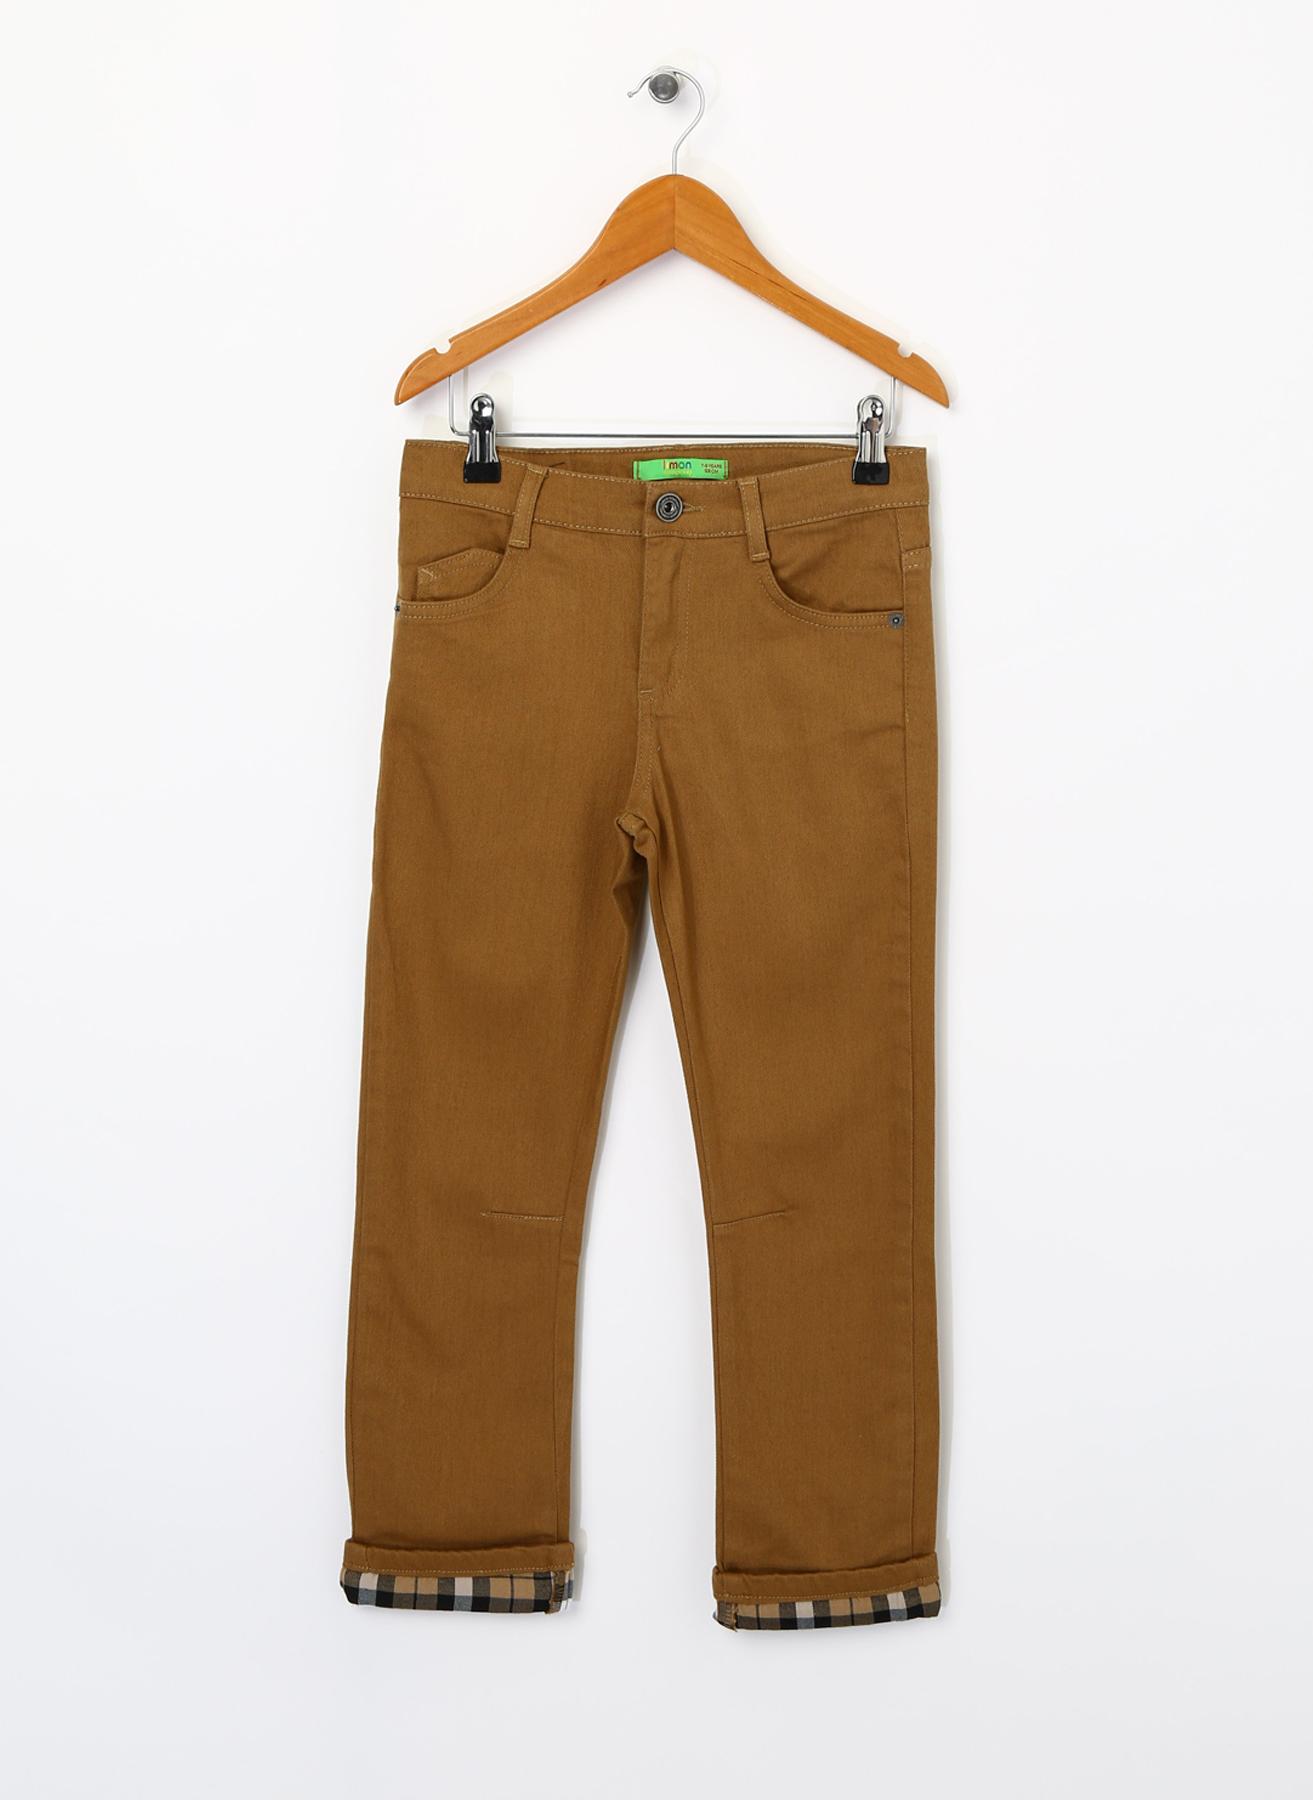 Limon Kahverengi Pantolon 4 Yaş 5001734127002 Ürün Resmi